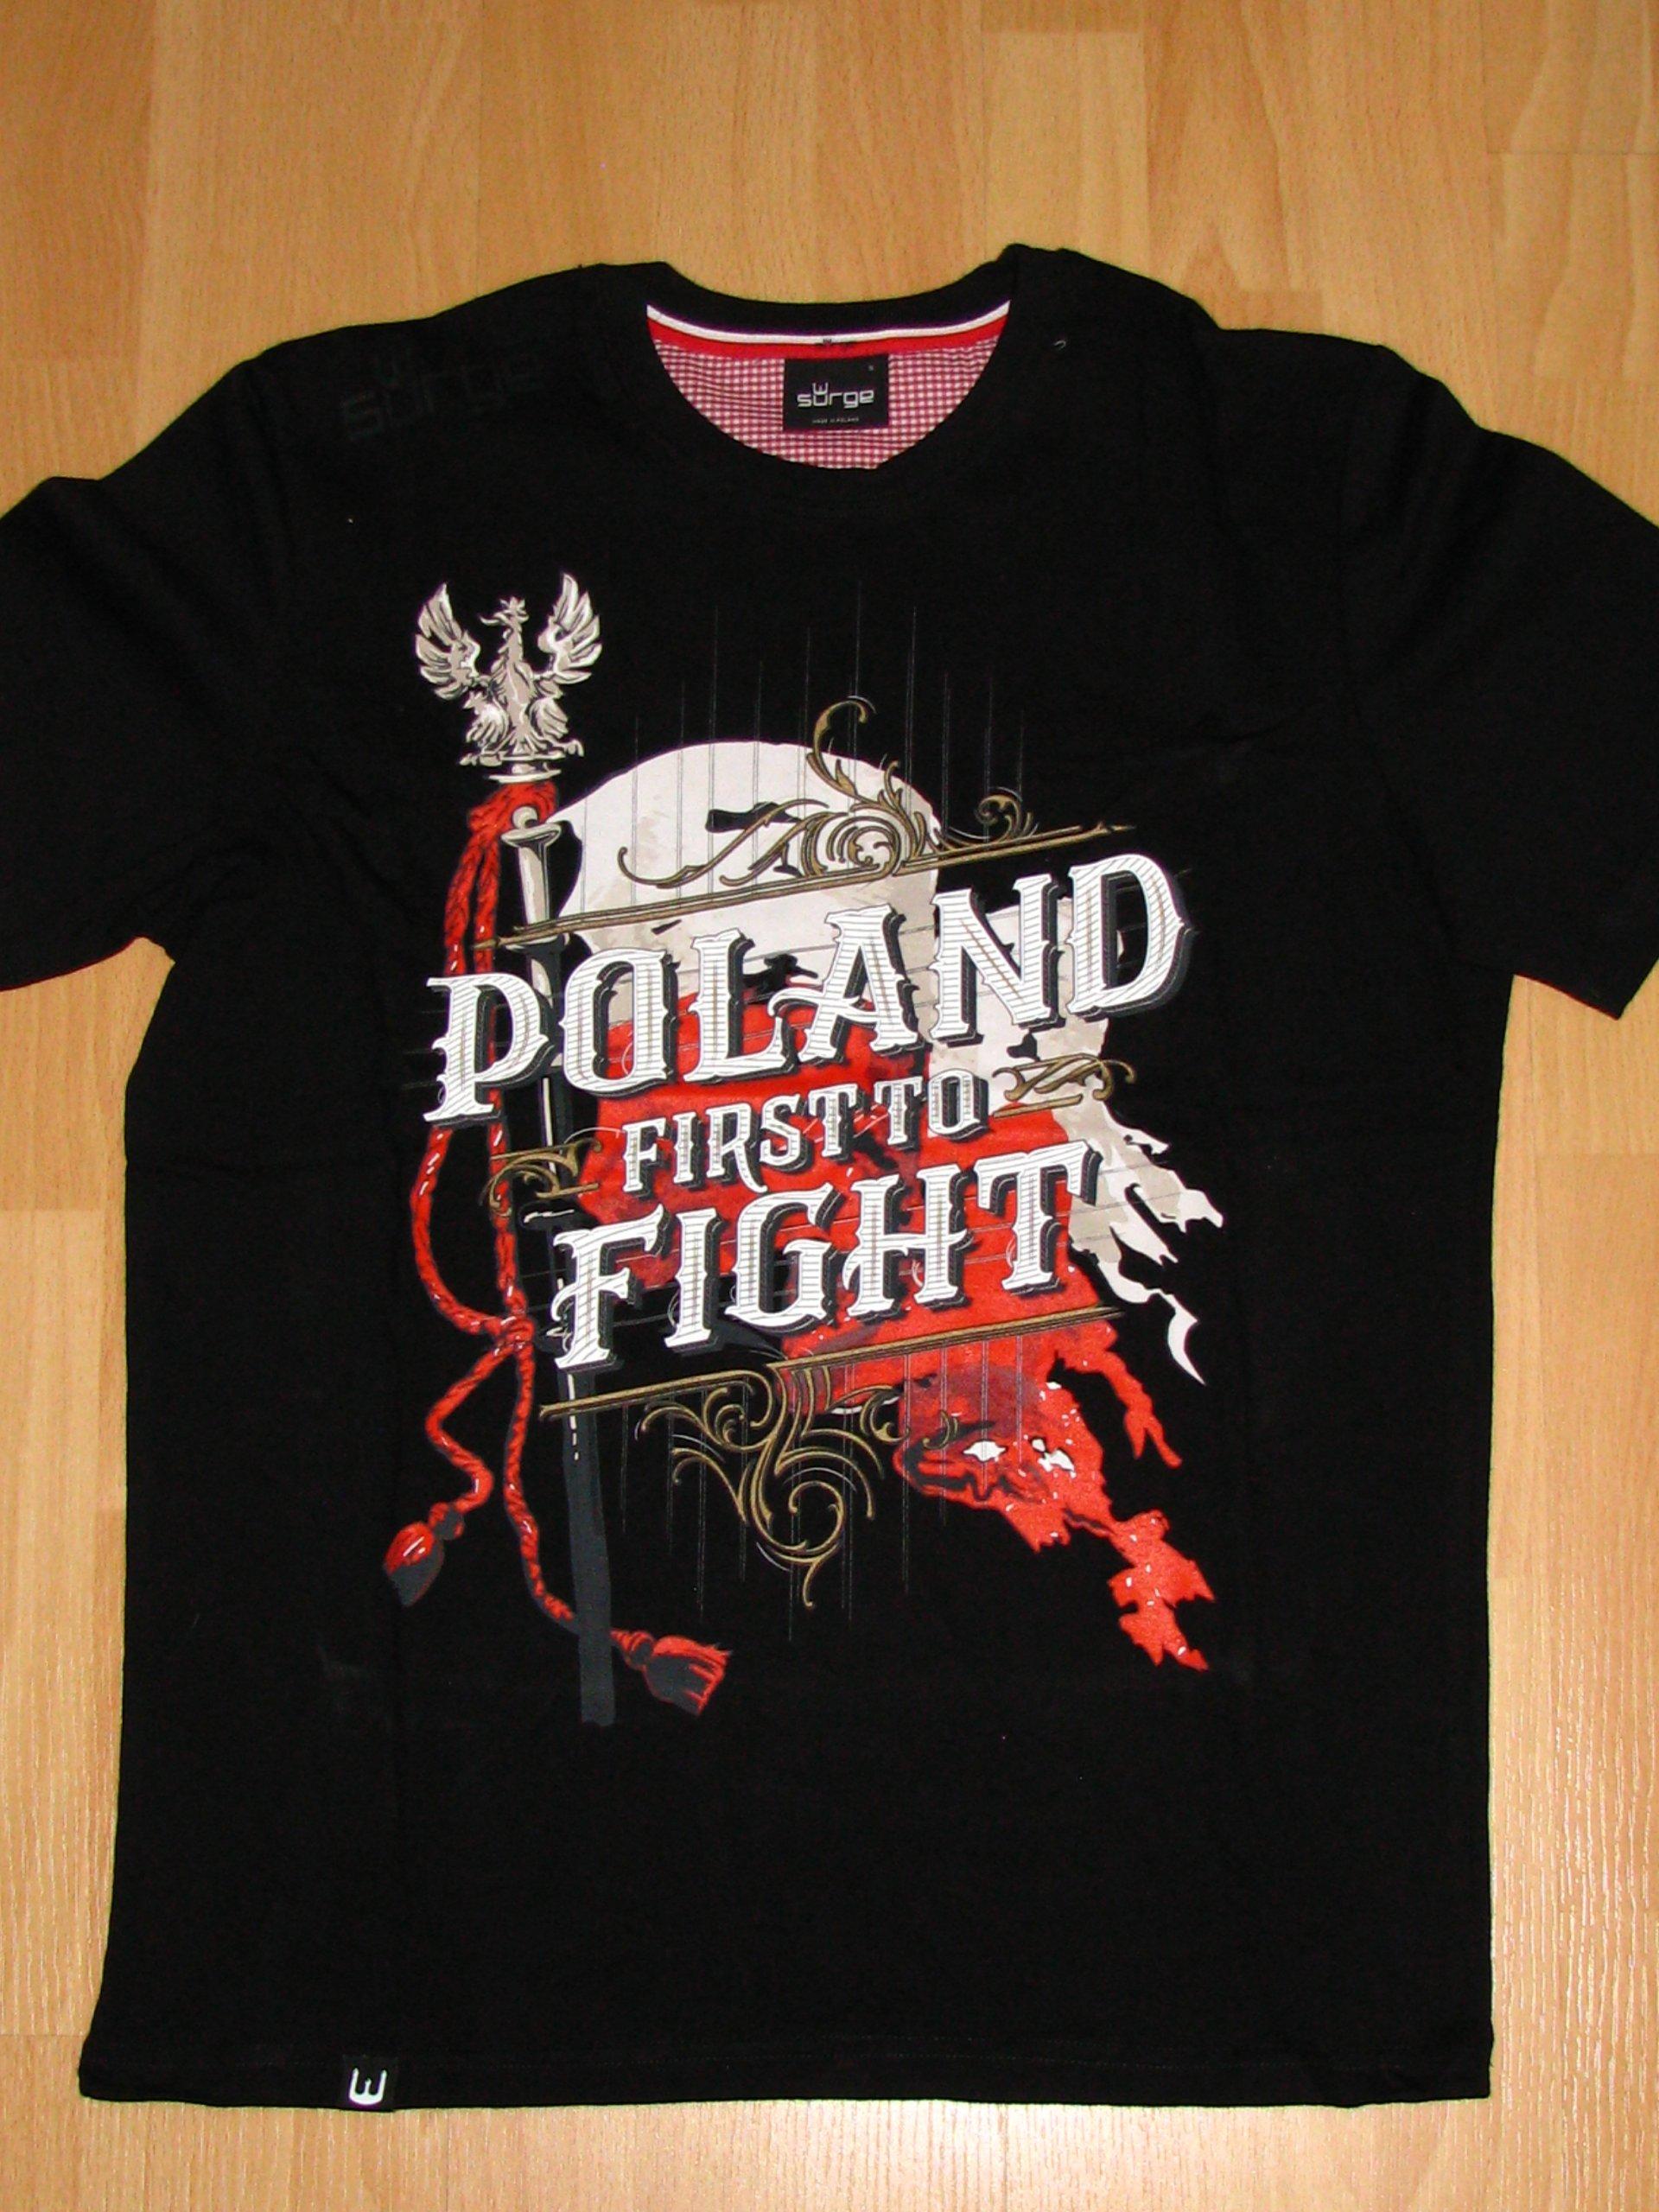 81d70eaba koszulka męska SURGE POLONIA patriotyczna S - 7055917483 - oficjalne ...